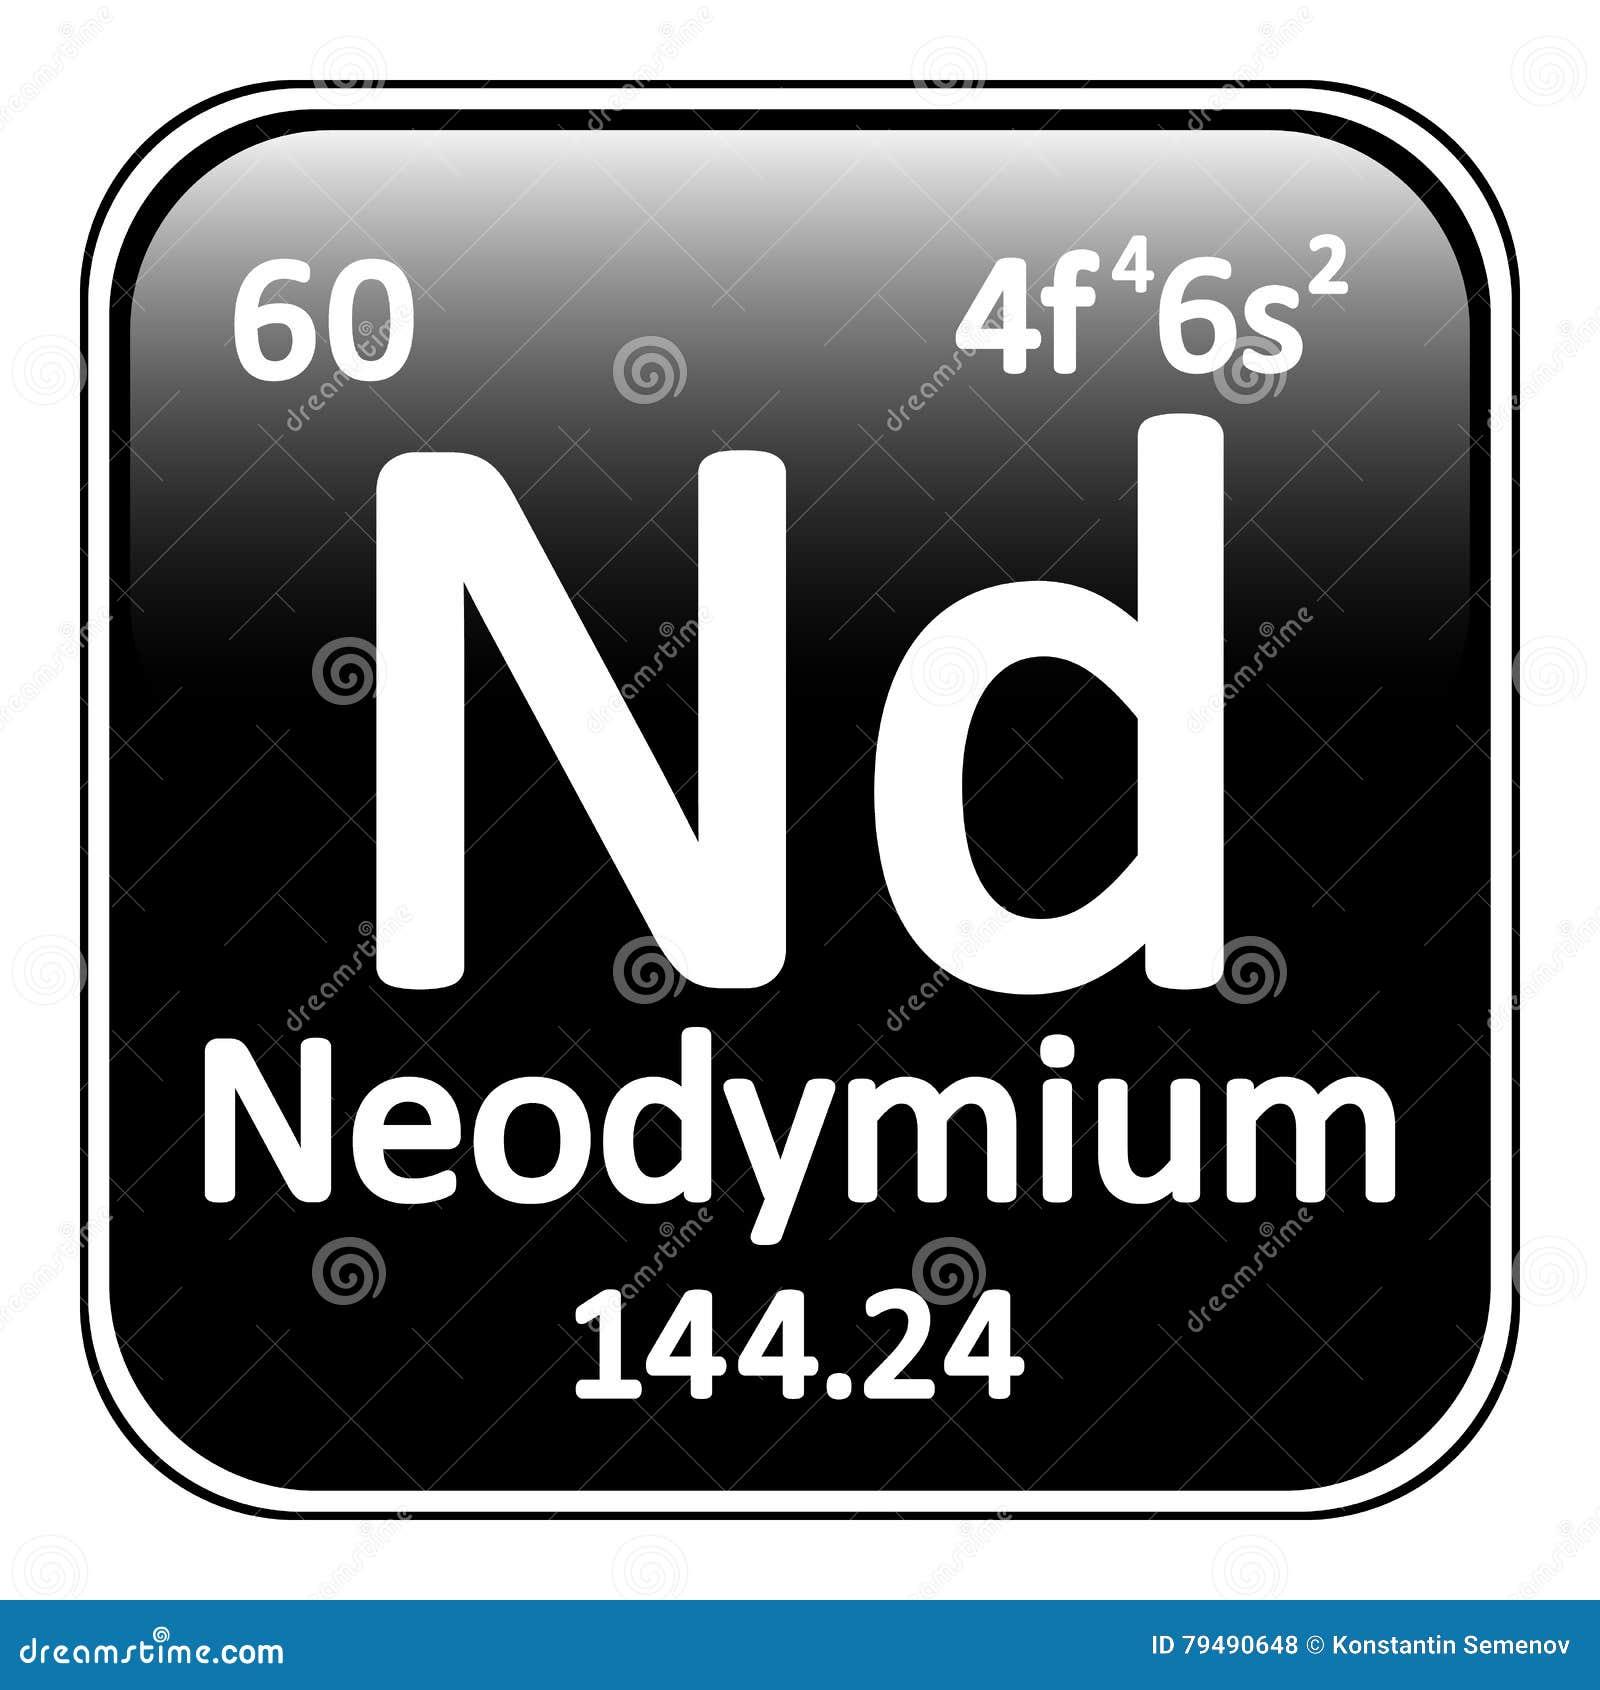 Periodic table element neodymium icon stock illustration image periodic table element neodymium icon royalty free stock photos gamestrikefo Choice Image